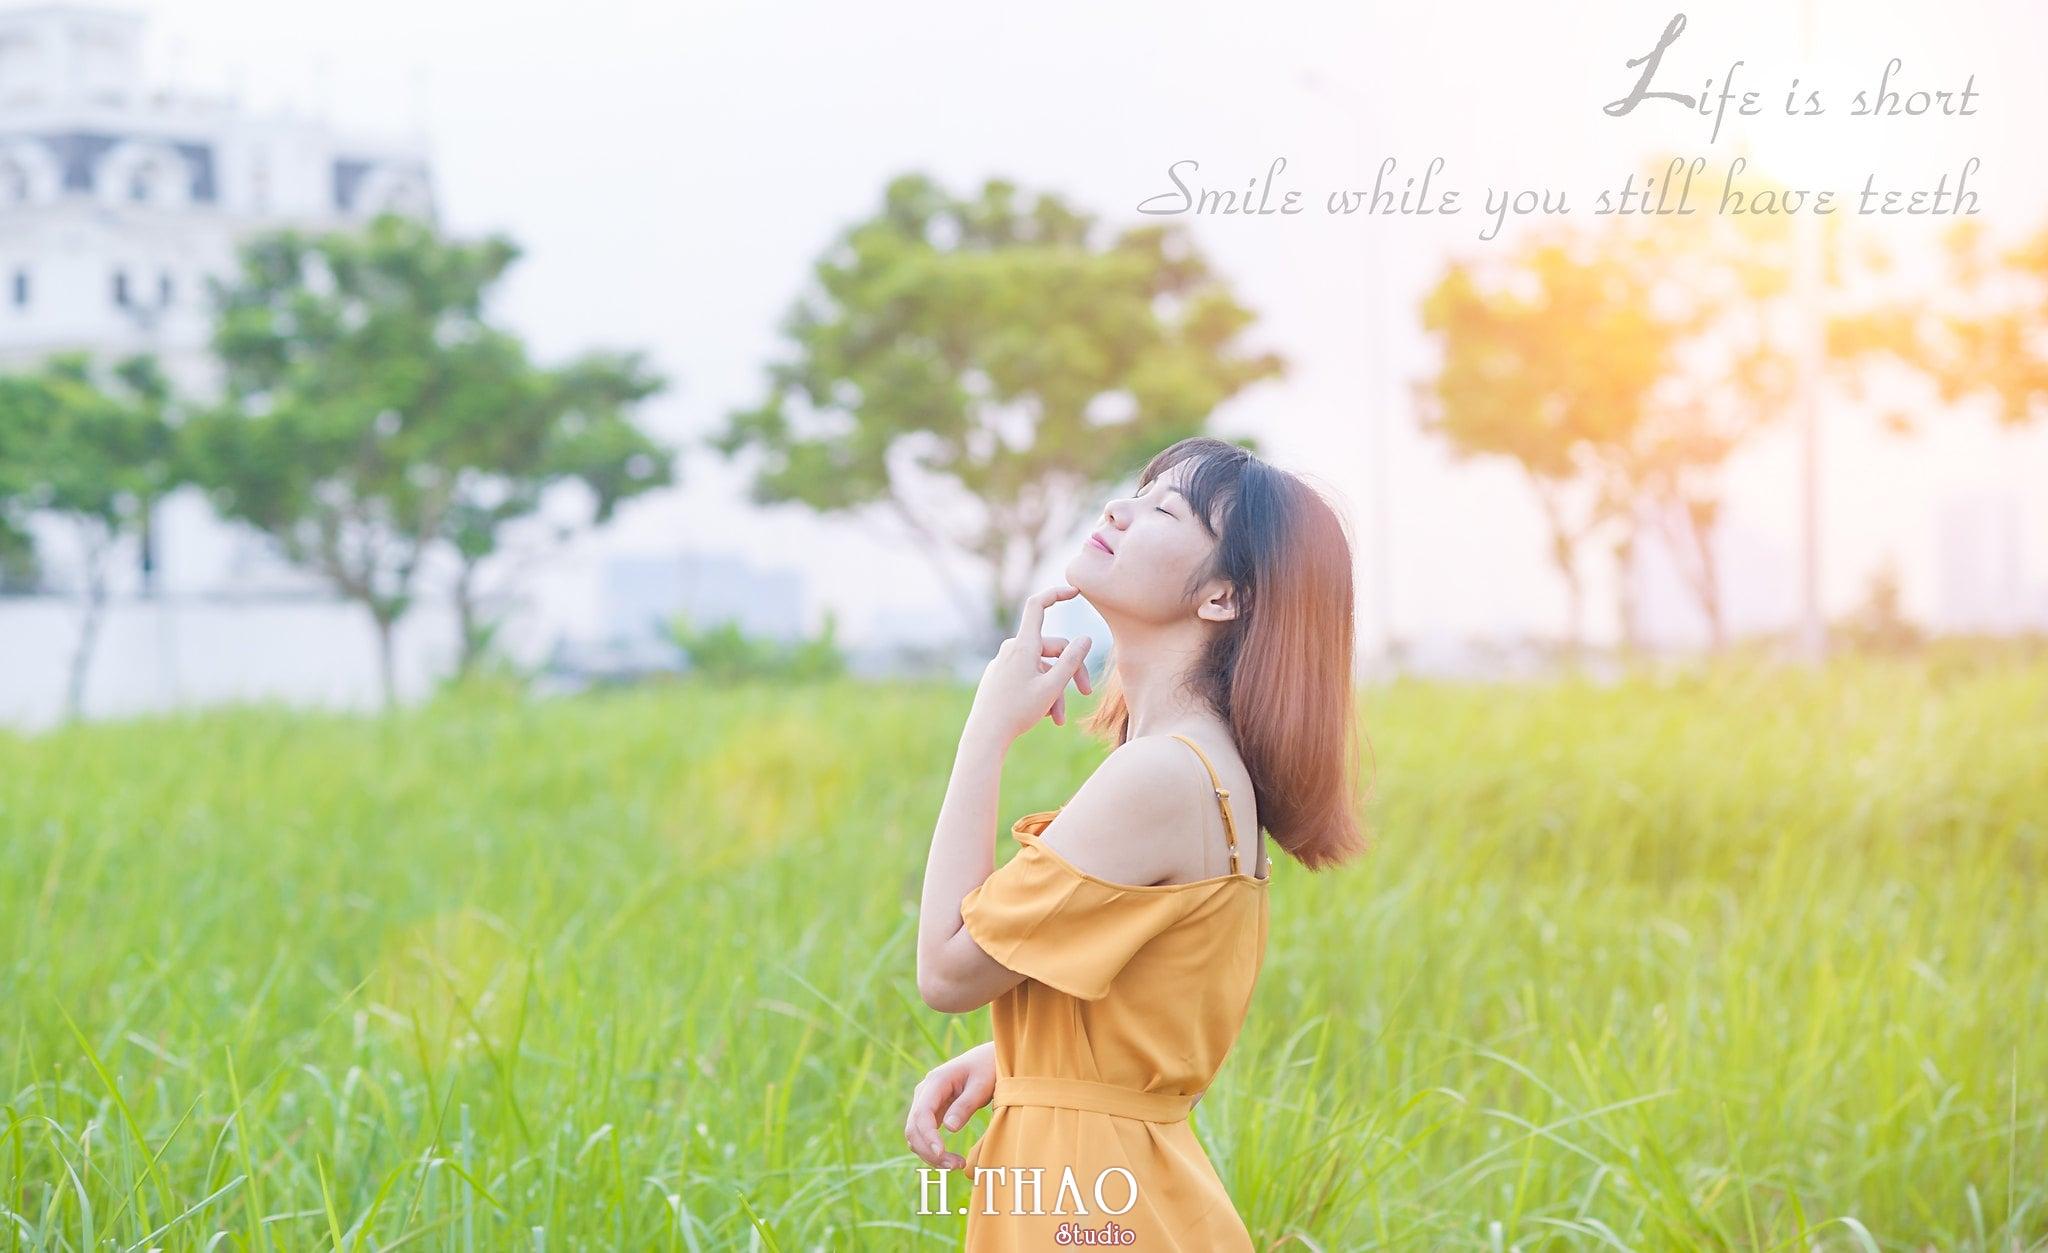 anh dao kim cuong 5 min - Tổng hợp những góc ảnh đẹp chụp ở đảo kim cương quận 2 - HThao Studio